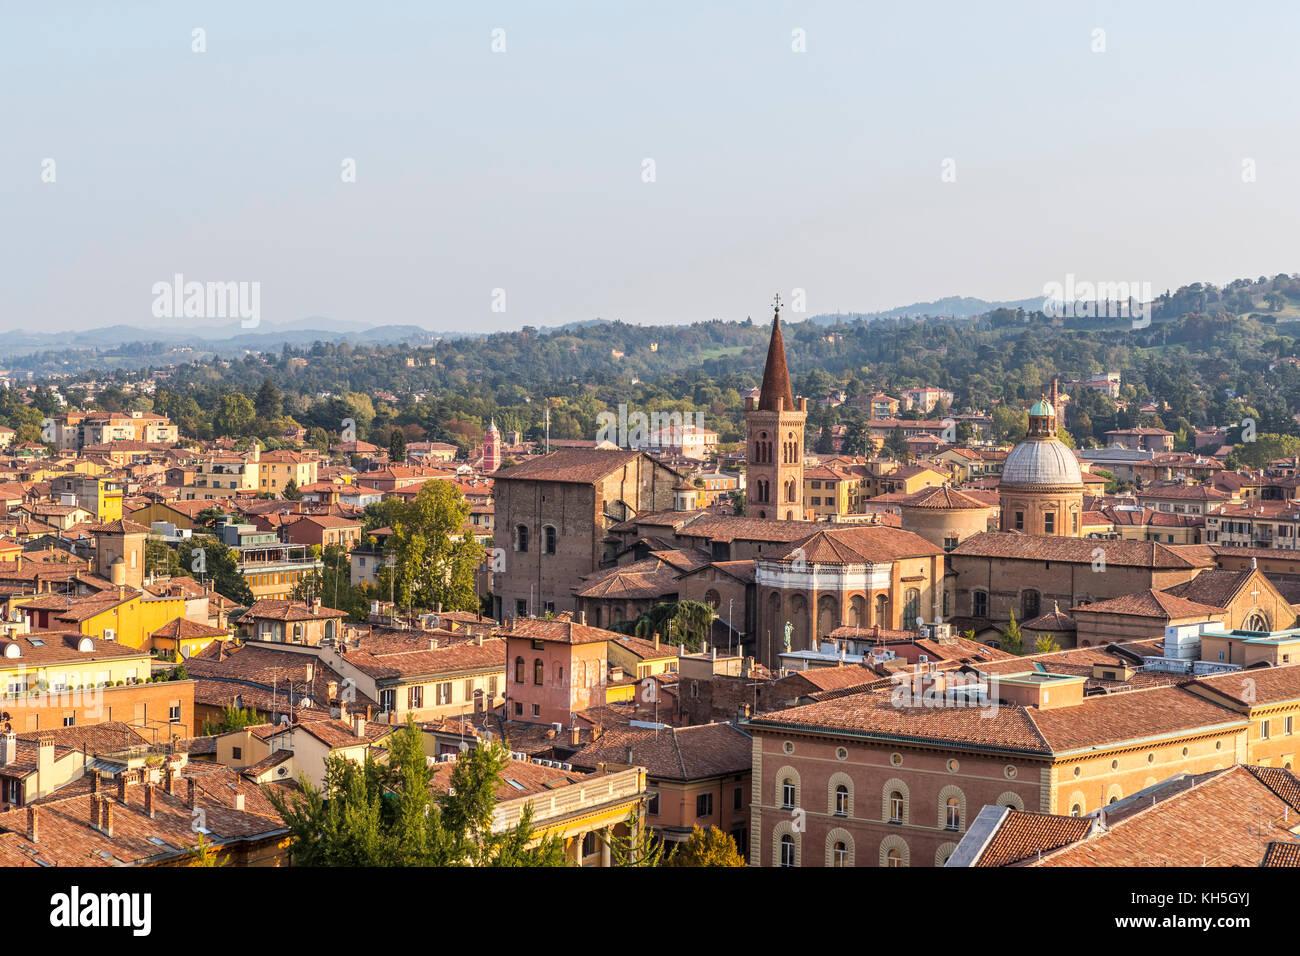 Bologna city skyline from the Terrazza di San Petronio viewing ...